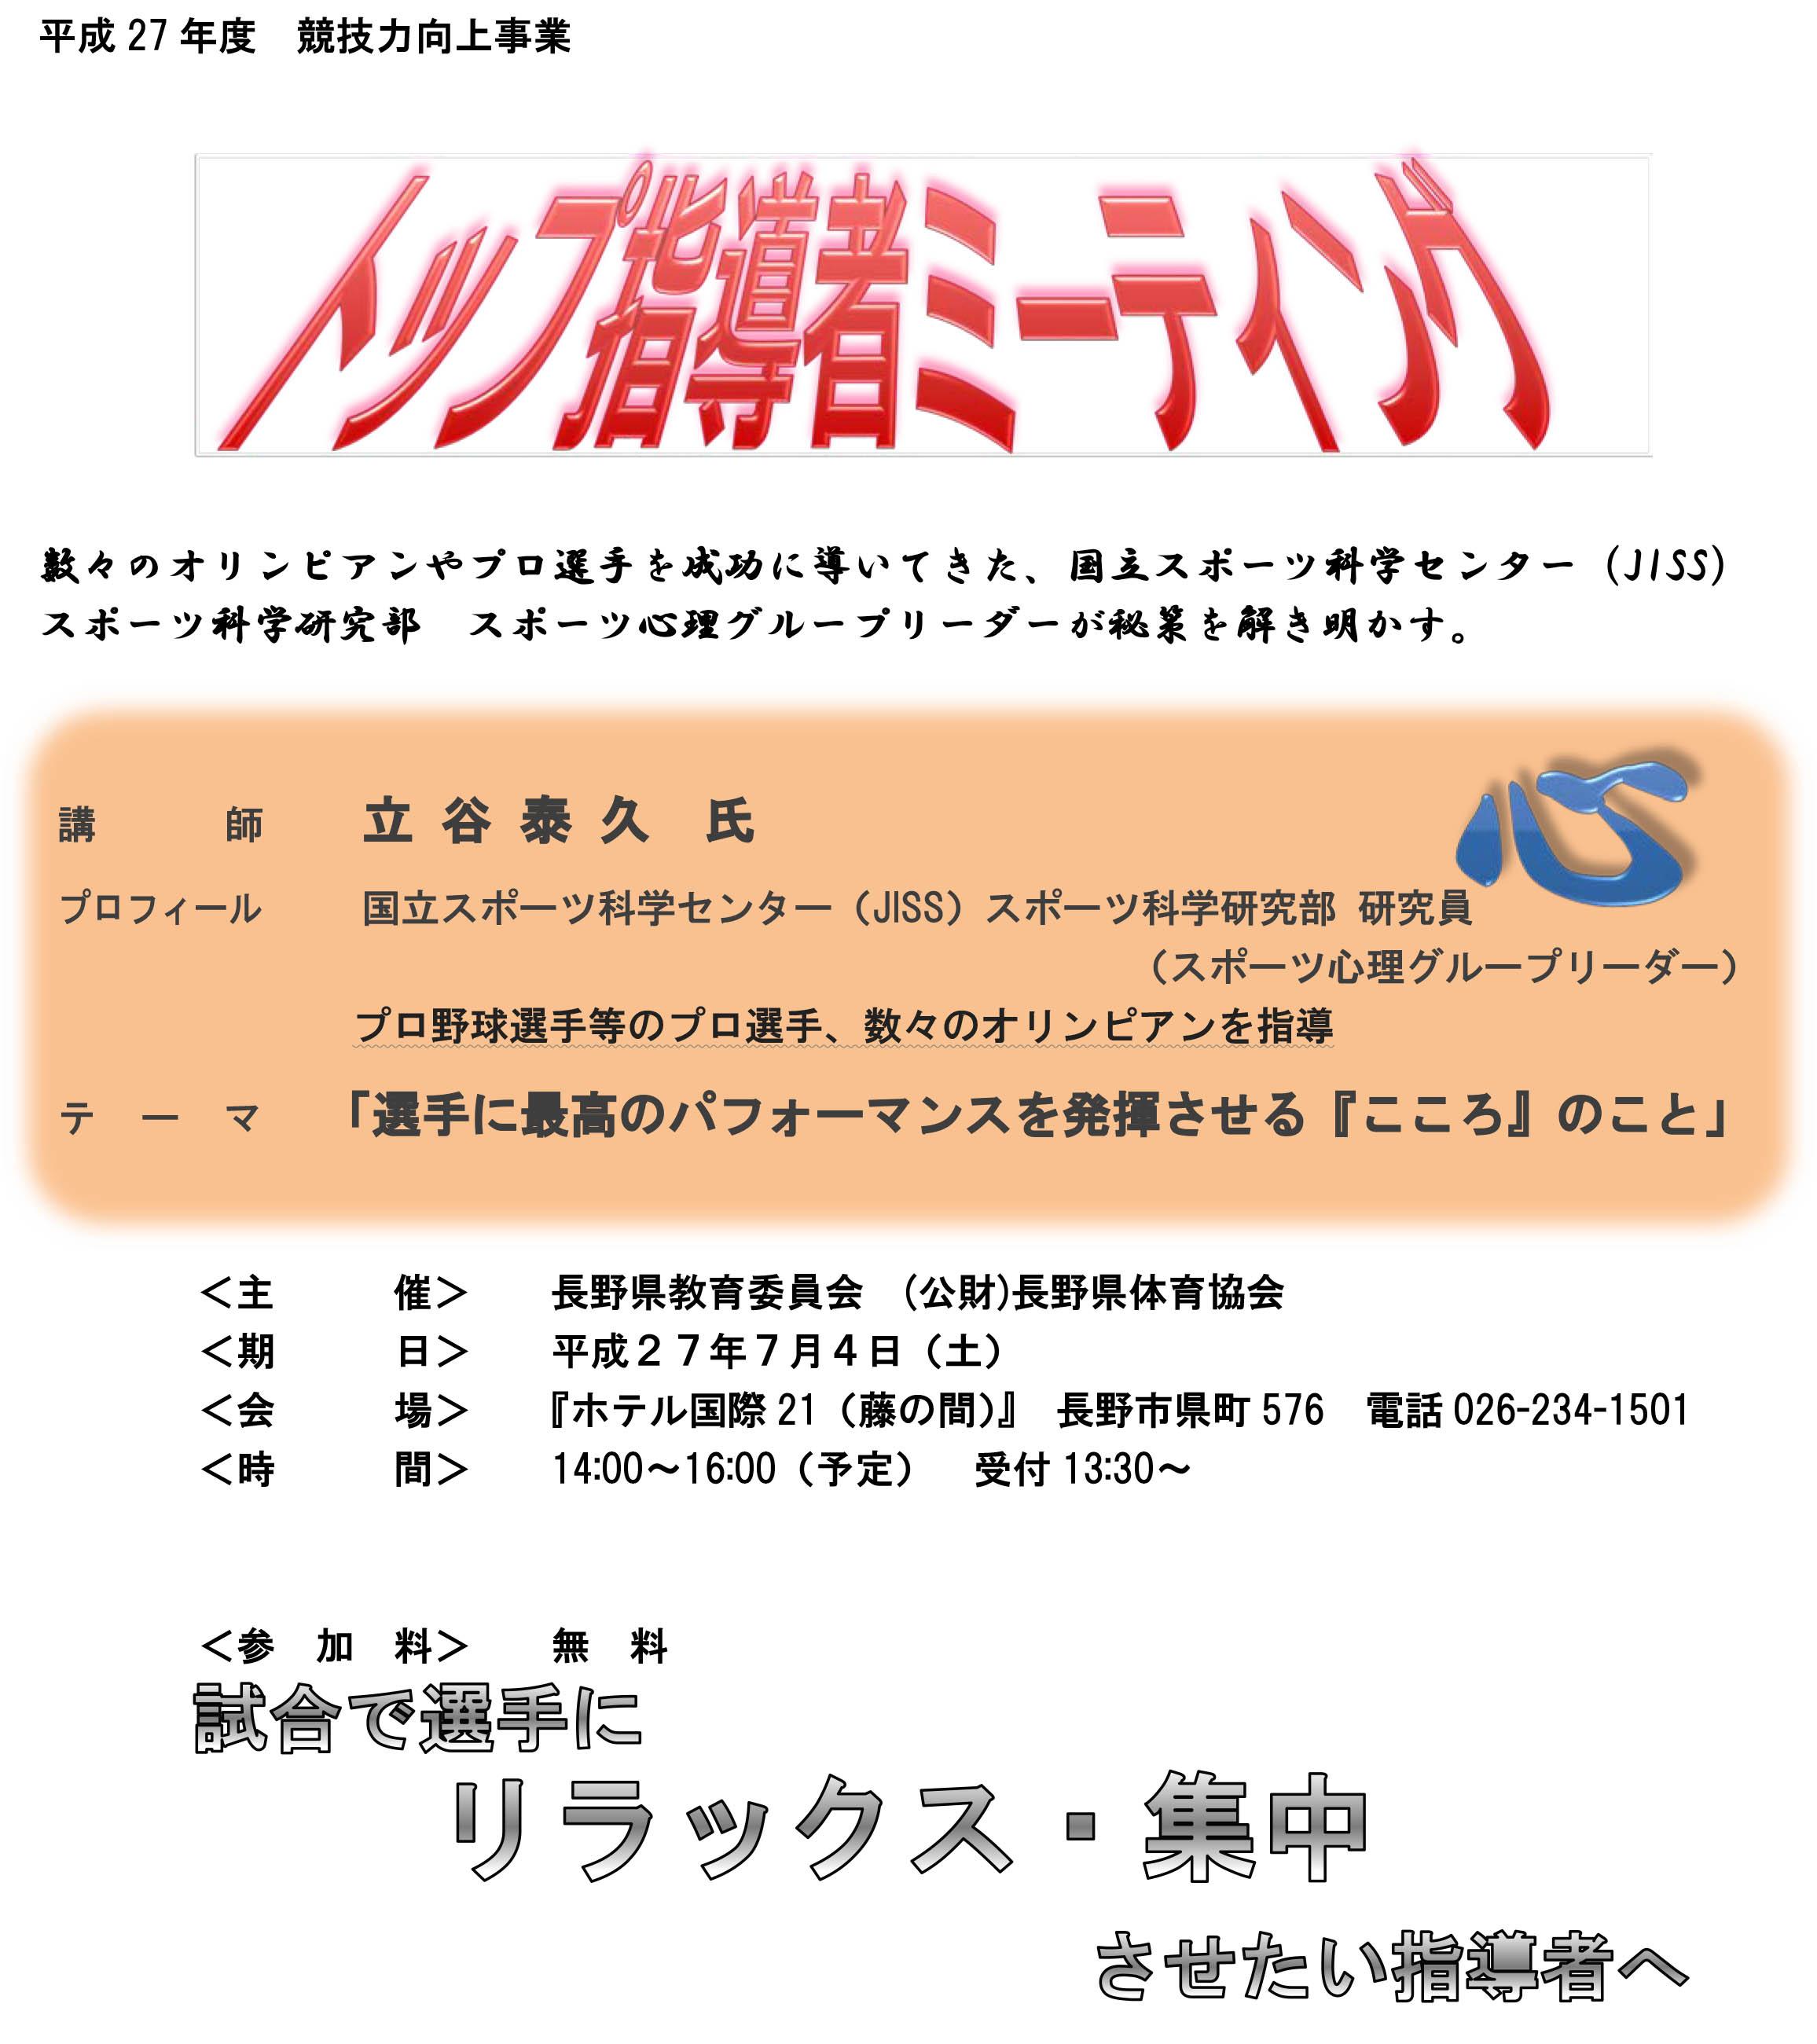 H27topmeeting_pamphlet.jpg